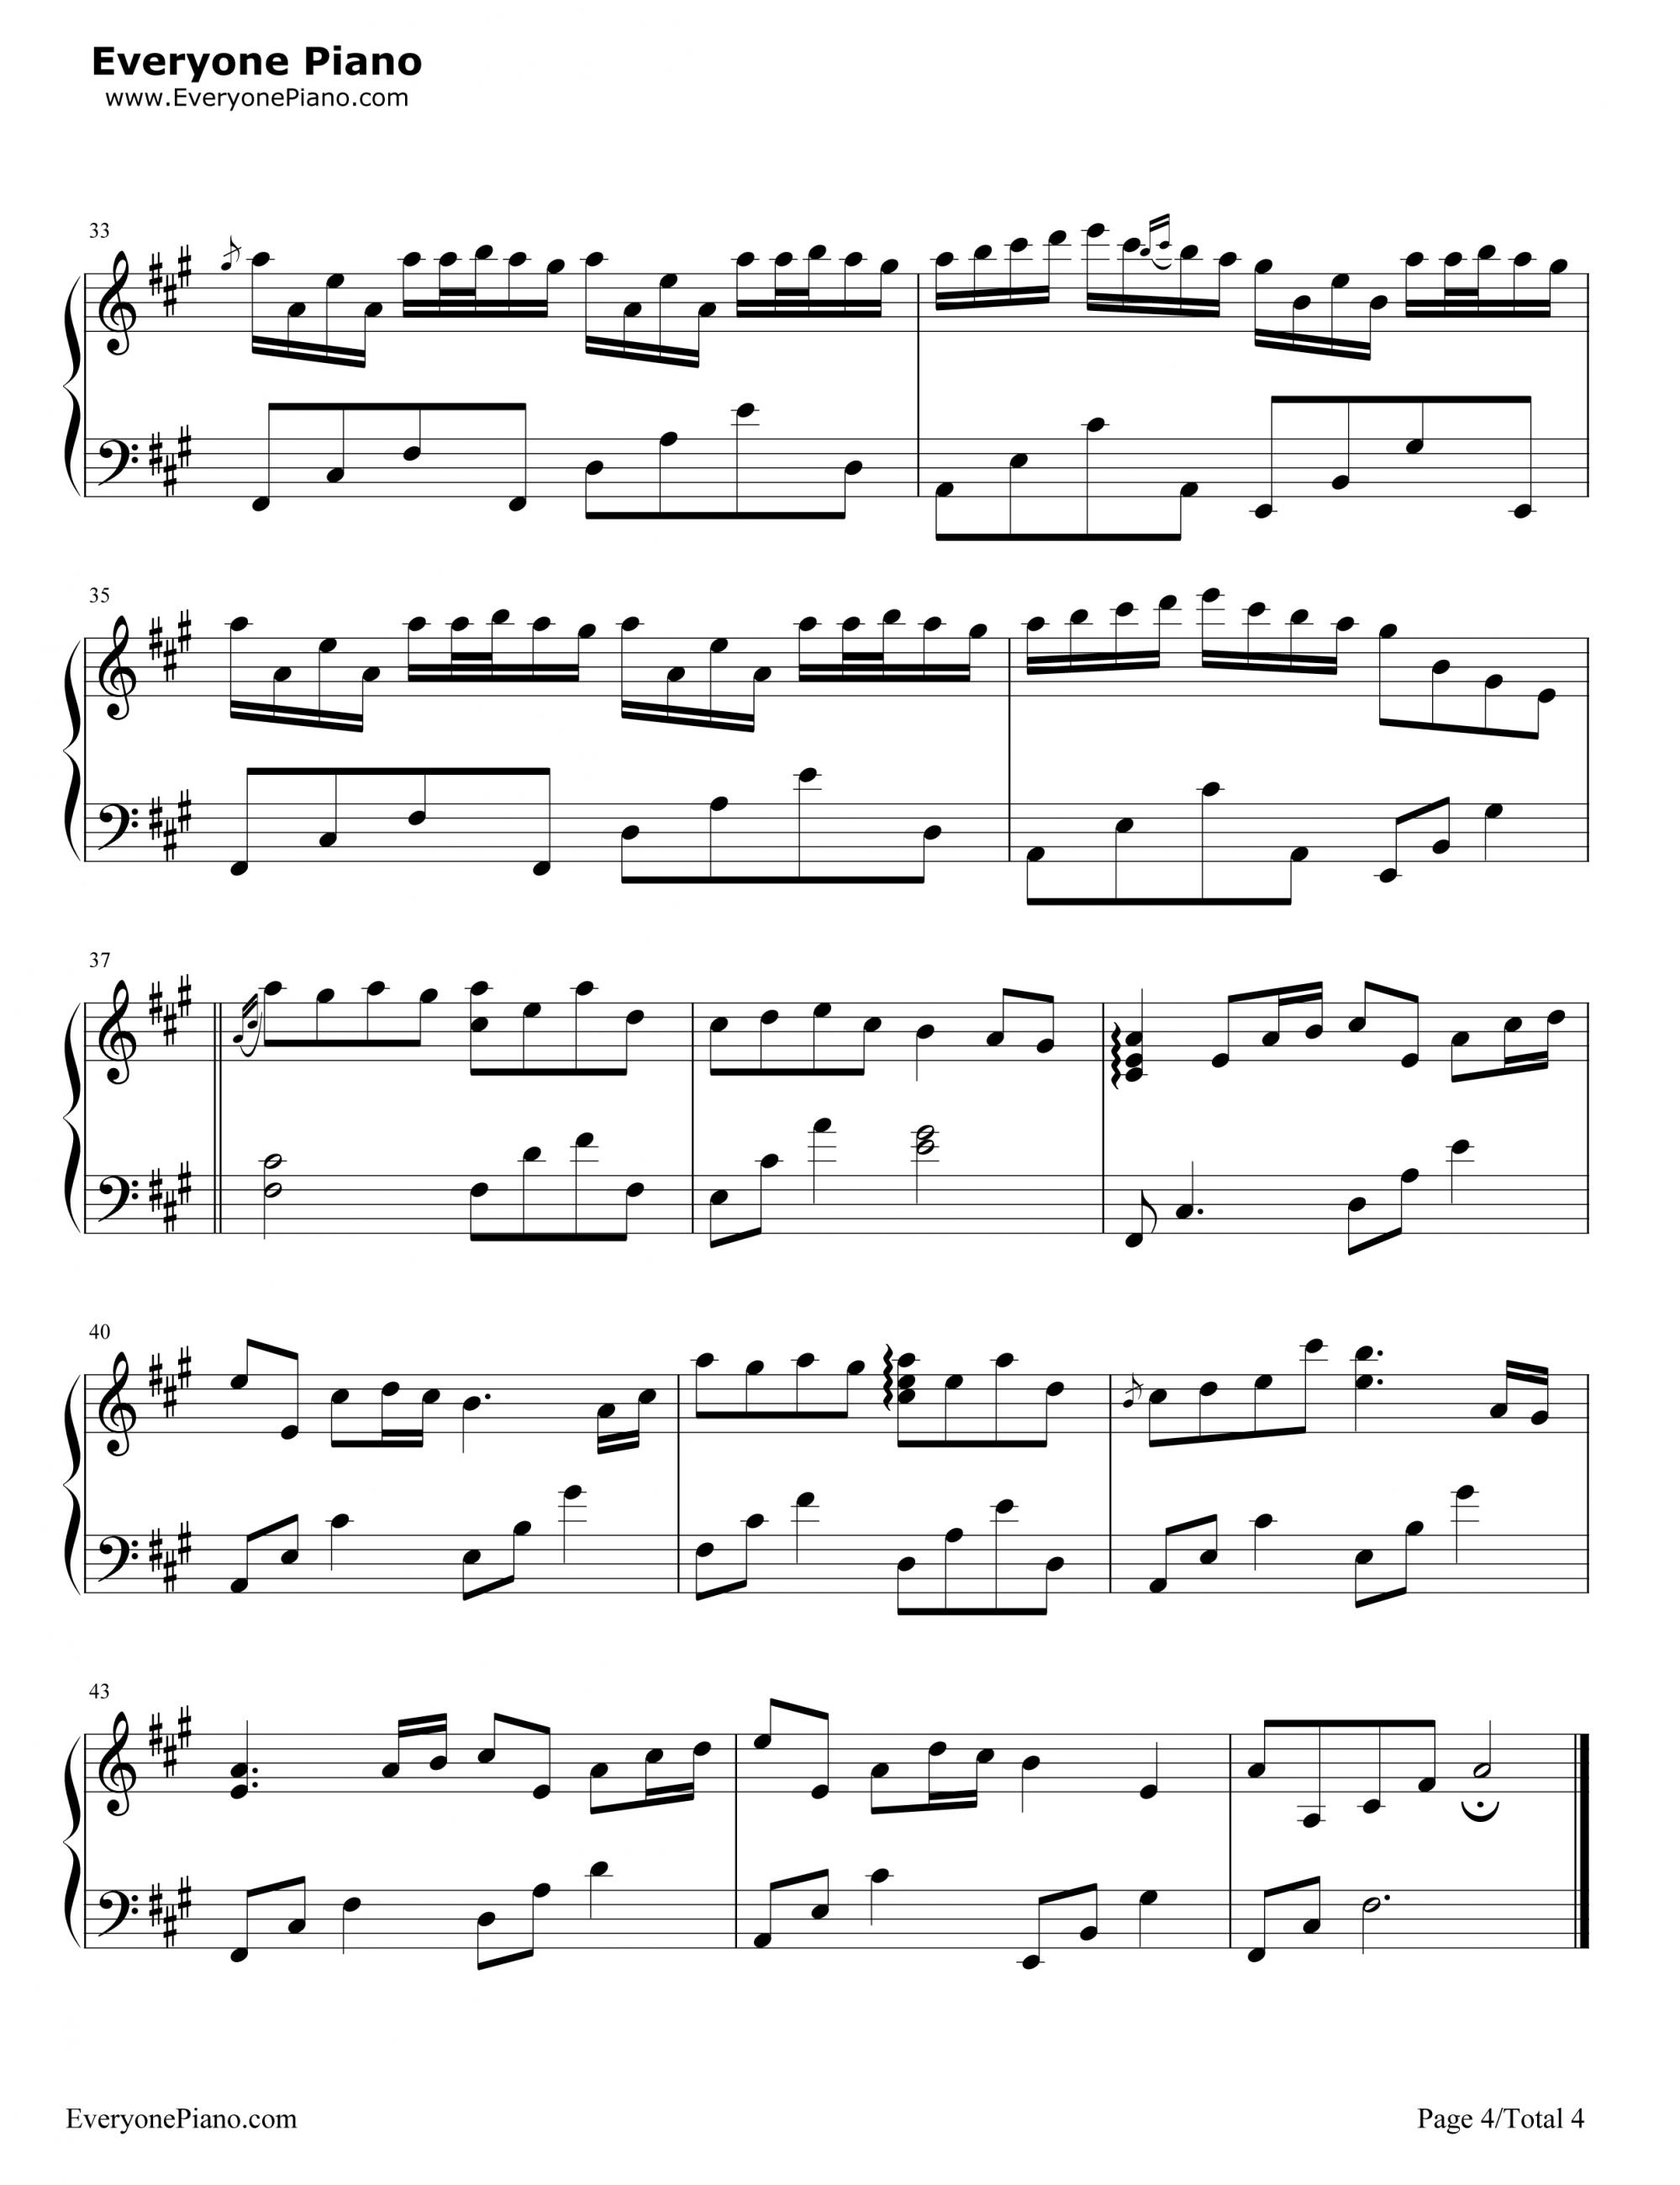 Sheet nhac river flow in you piano 04